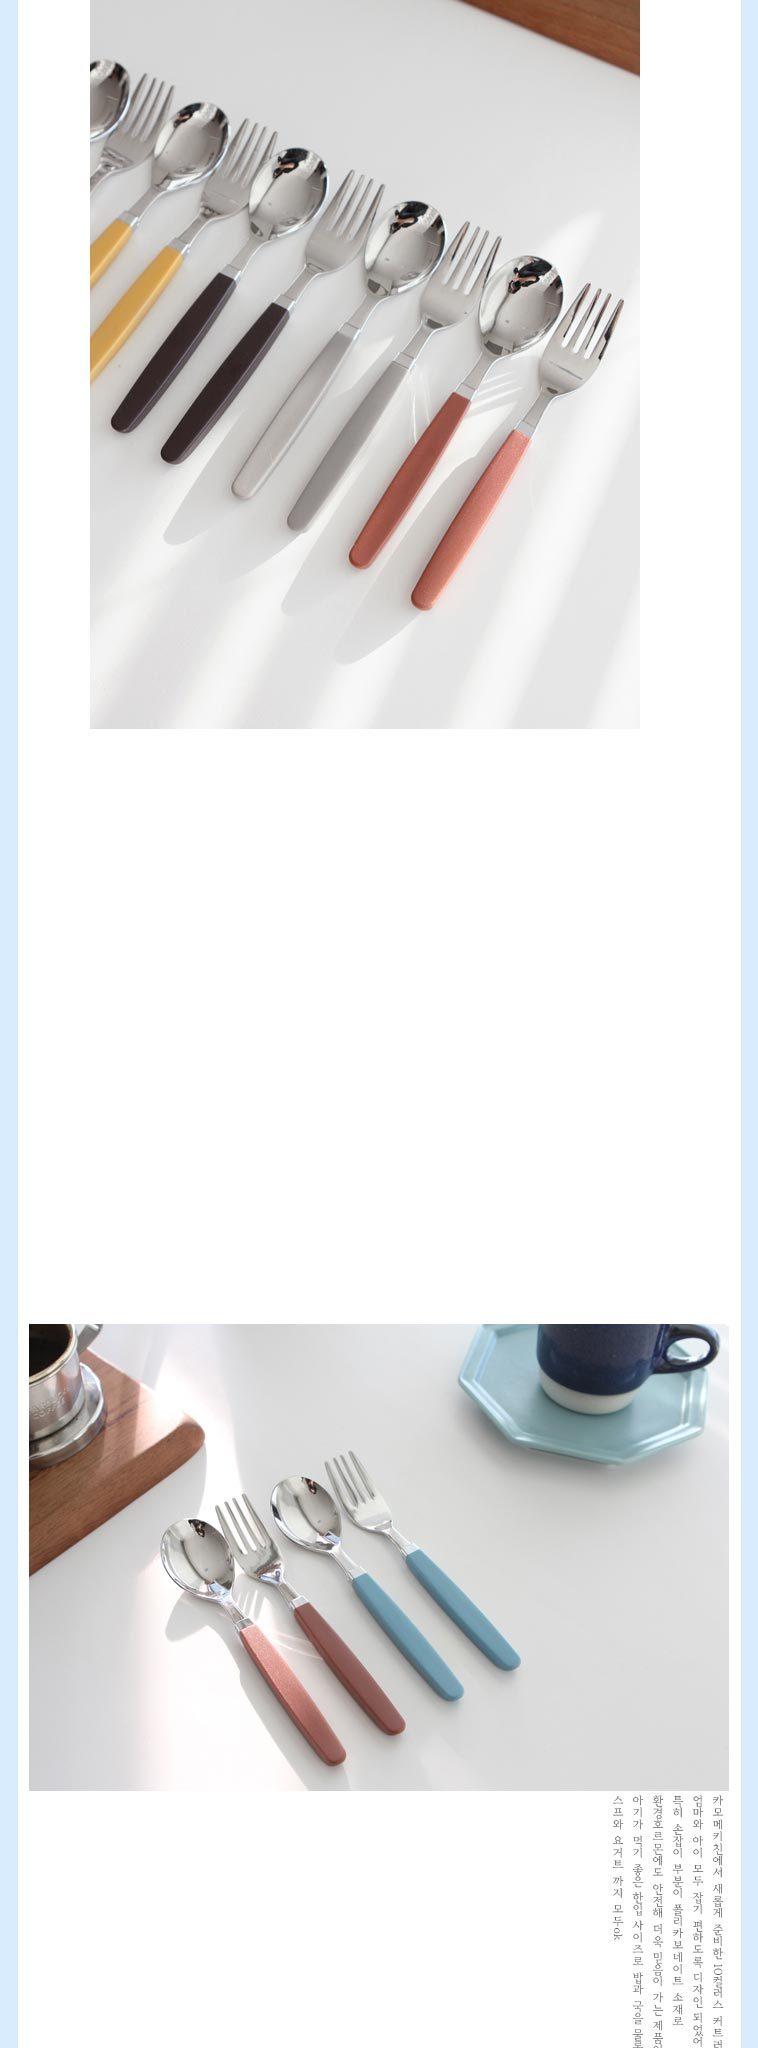 카모메키친 10컬러 수저세트 특가 - 상세정보